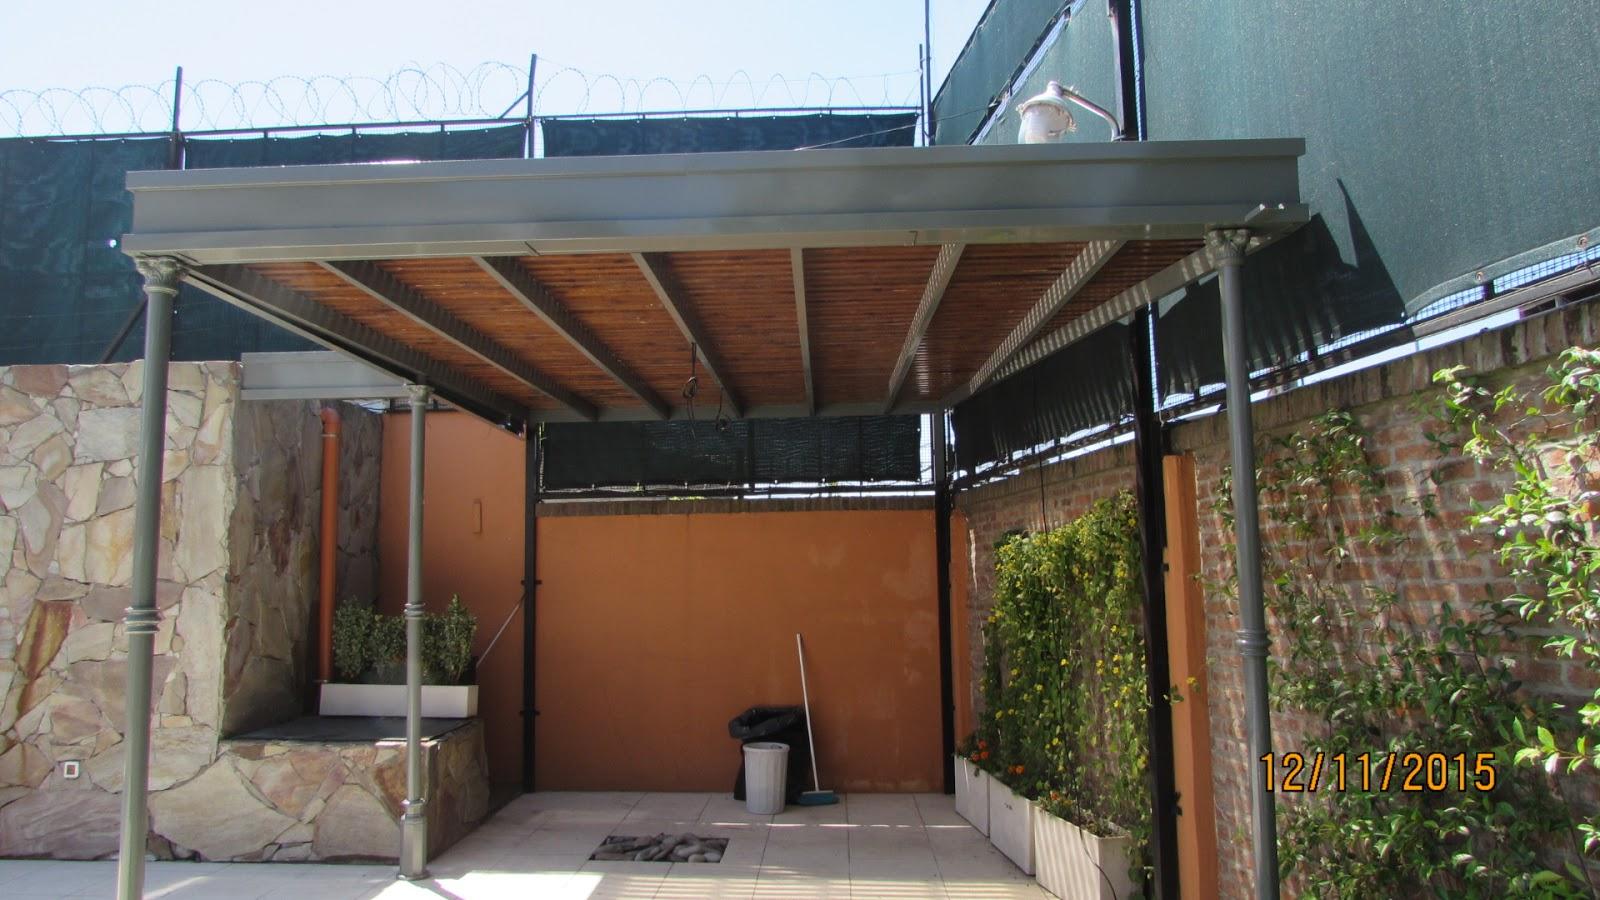 Techo de policarbonato pergolas aleros diciembre 2015 for Garajes con techos policarbonato